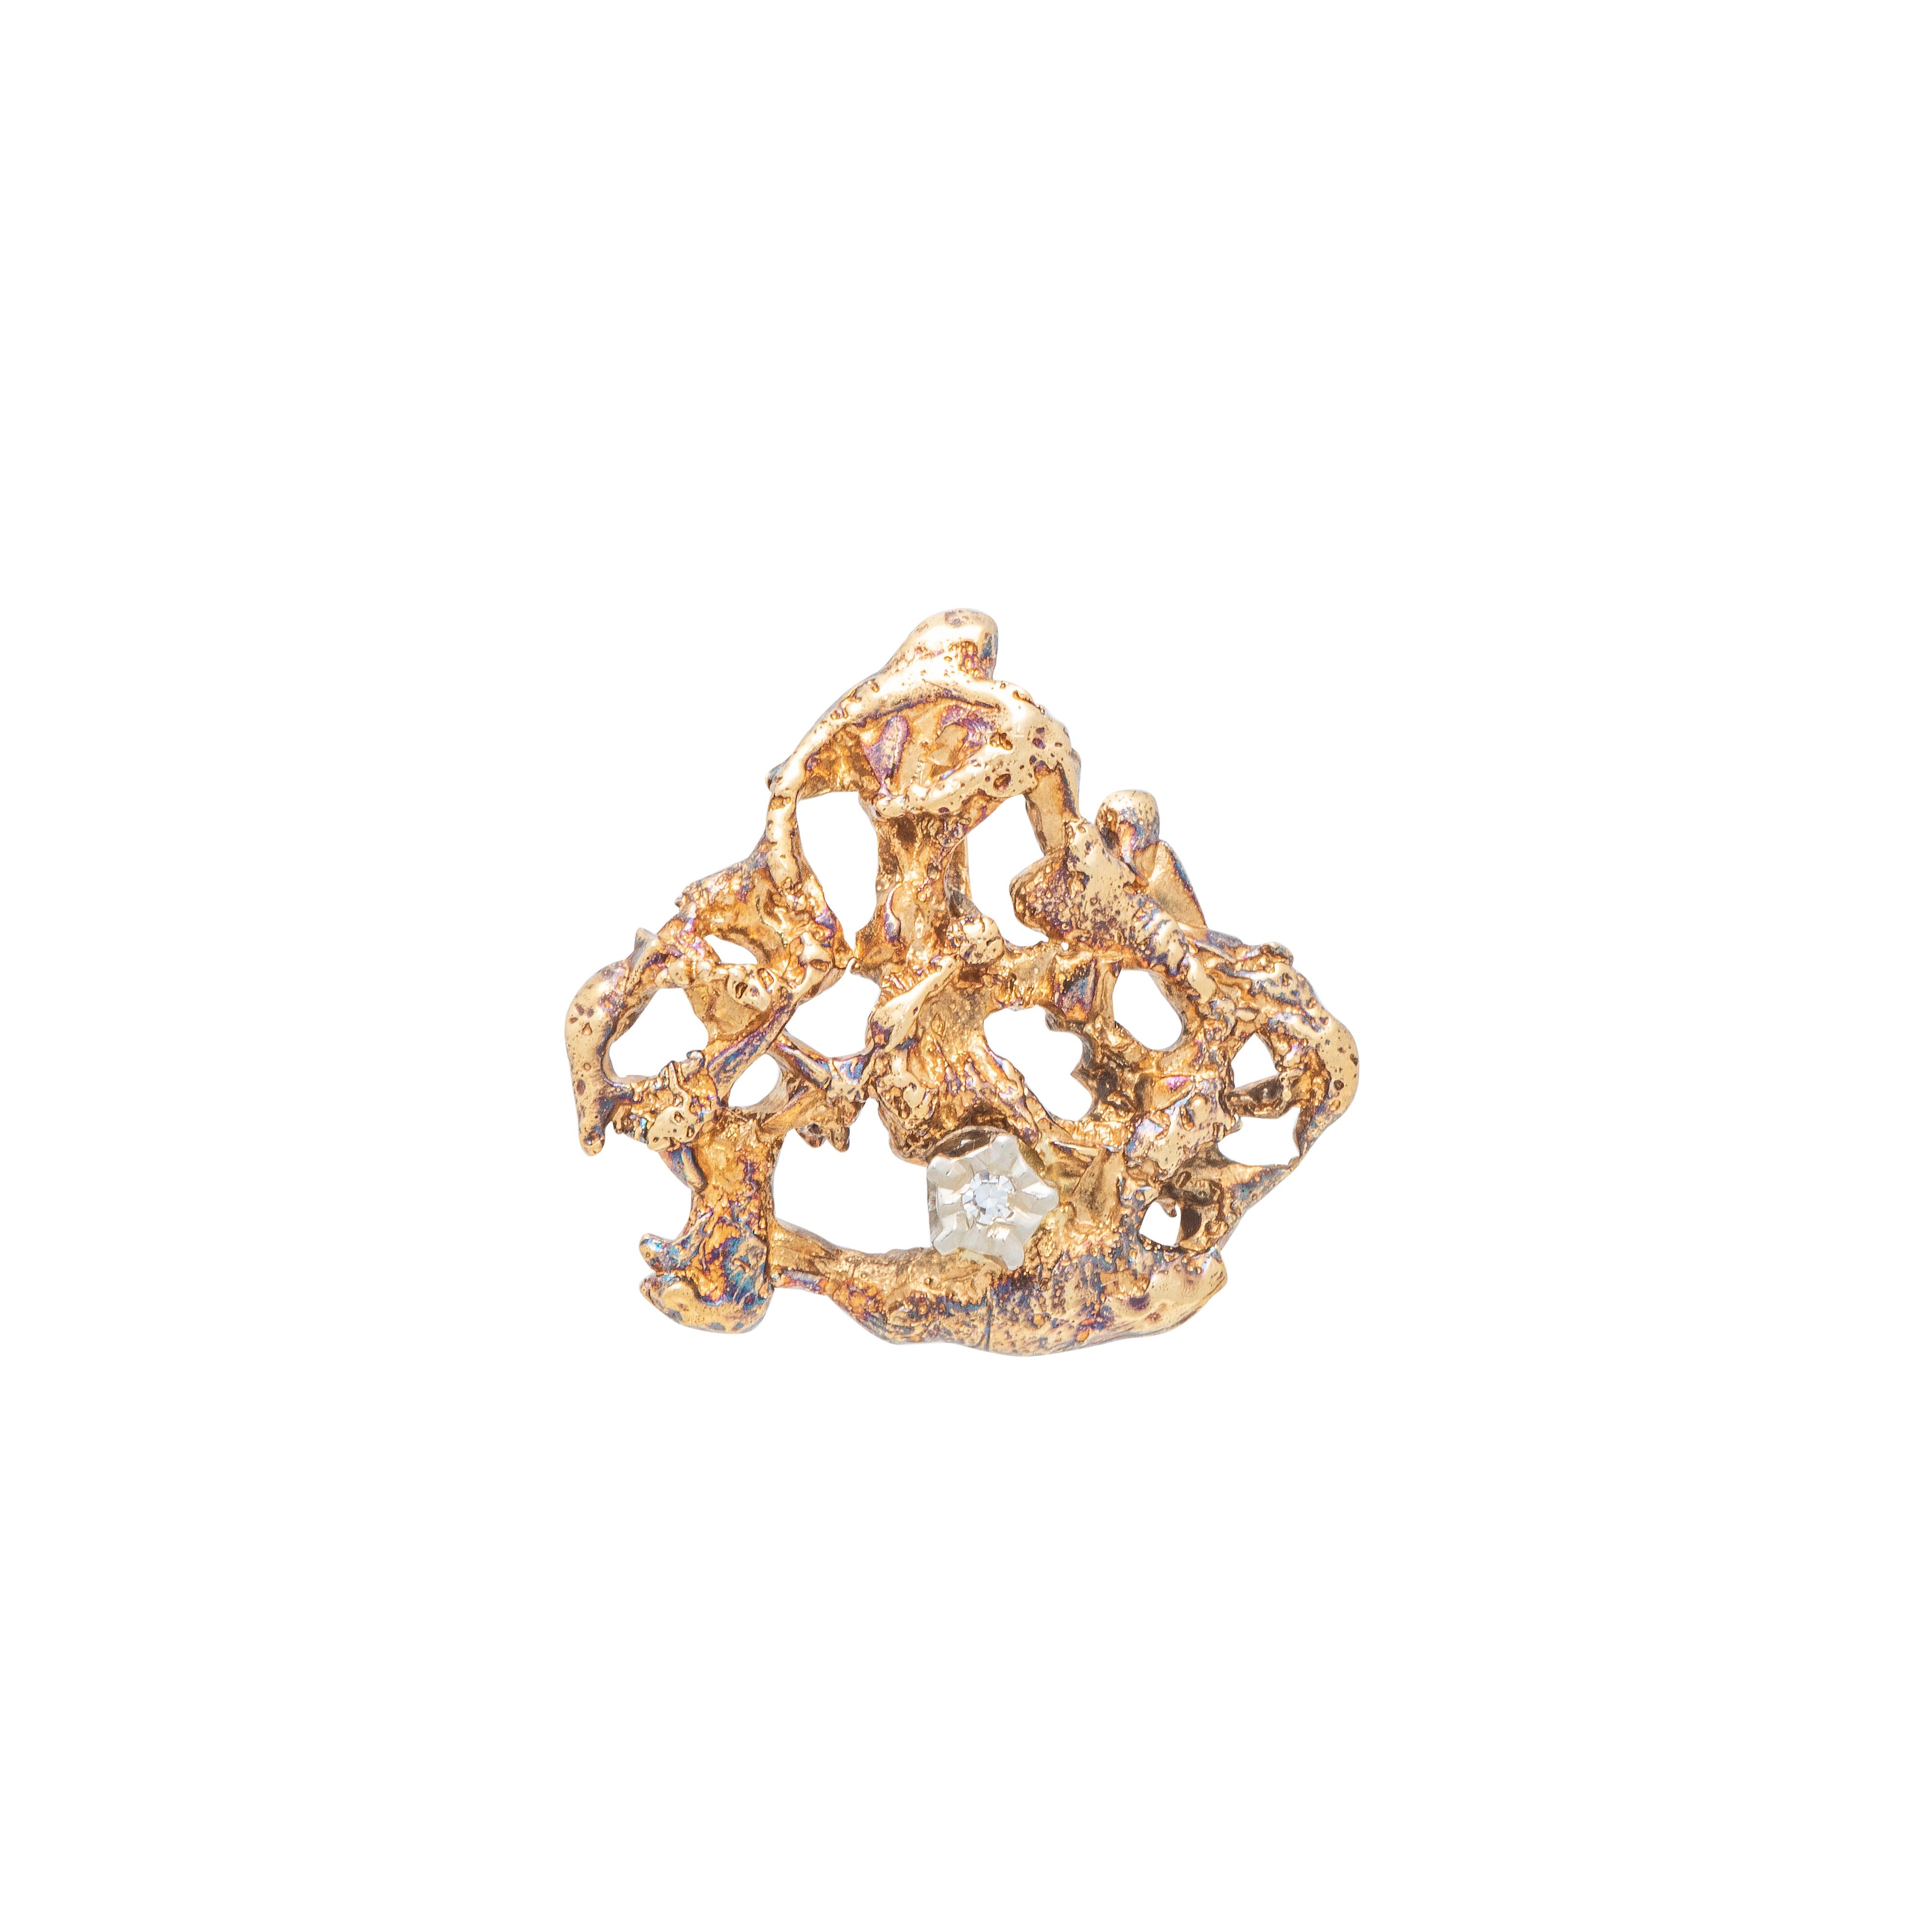 Sigurd Homstvedt rustikk anheng, gult gull, diamant